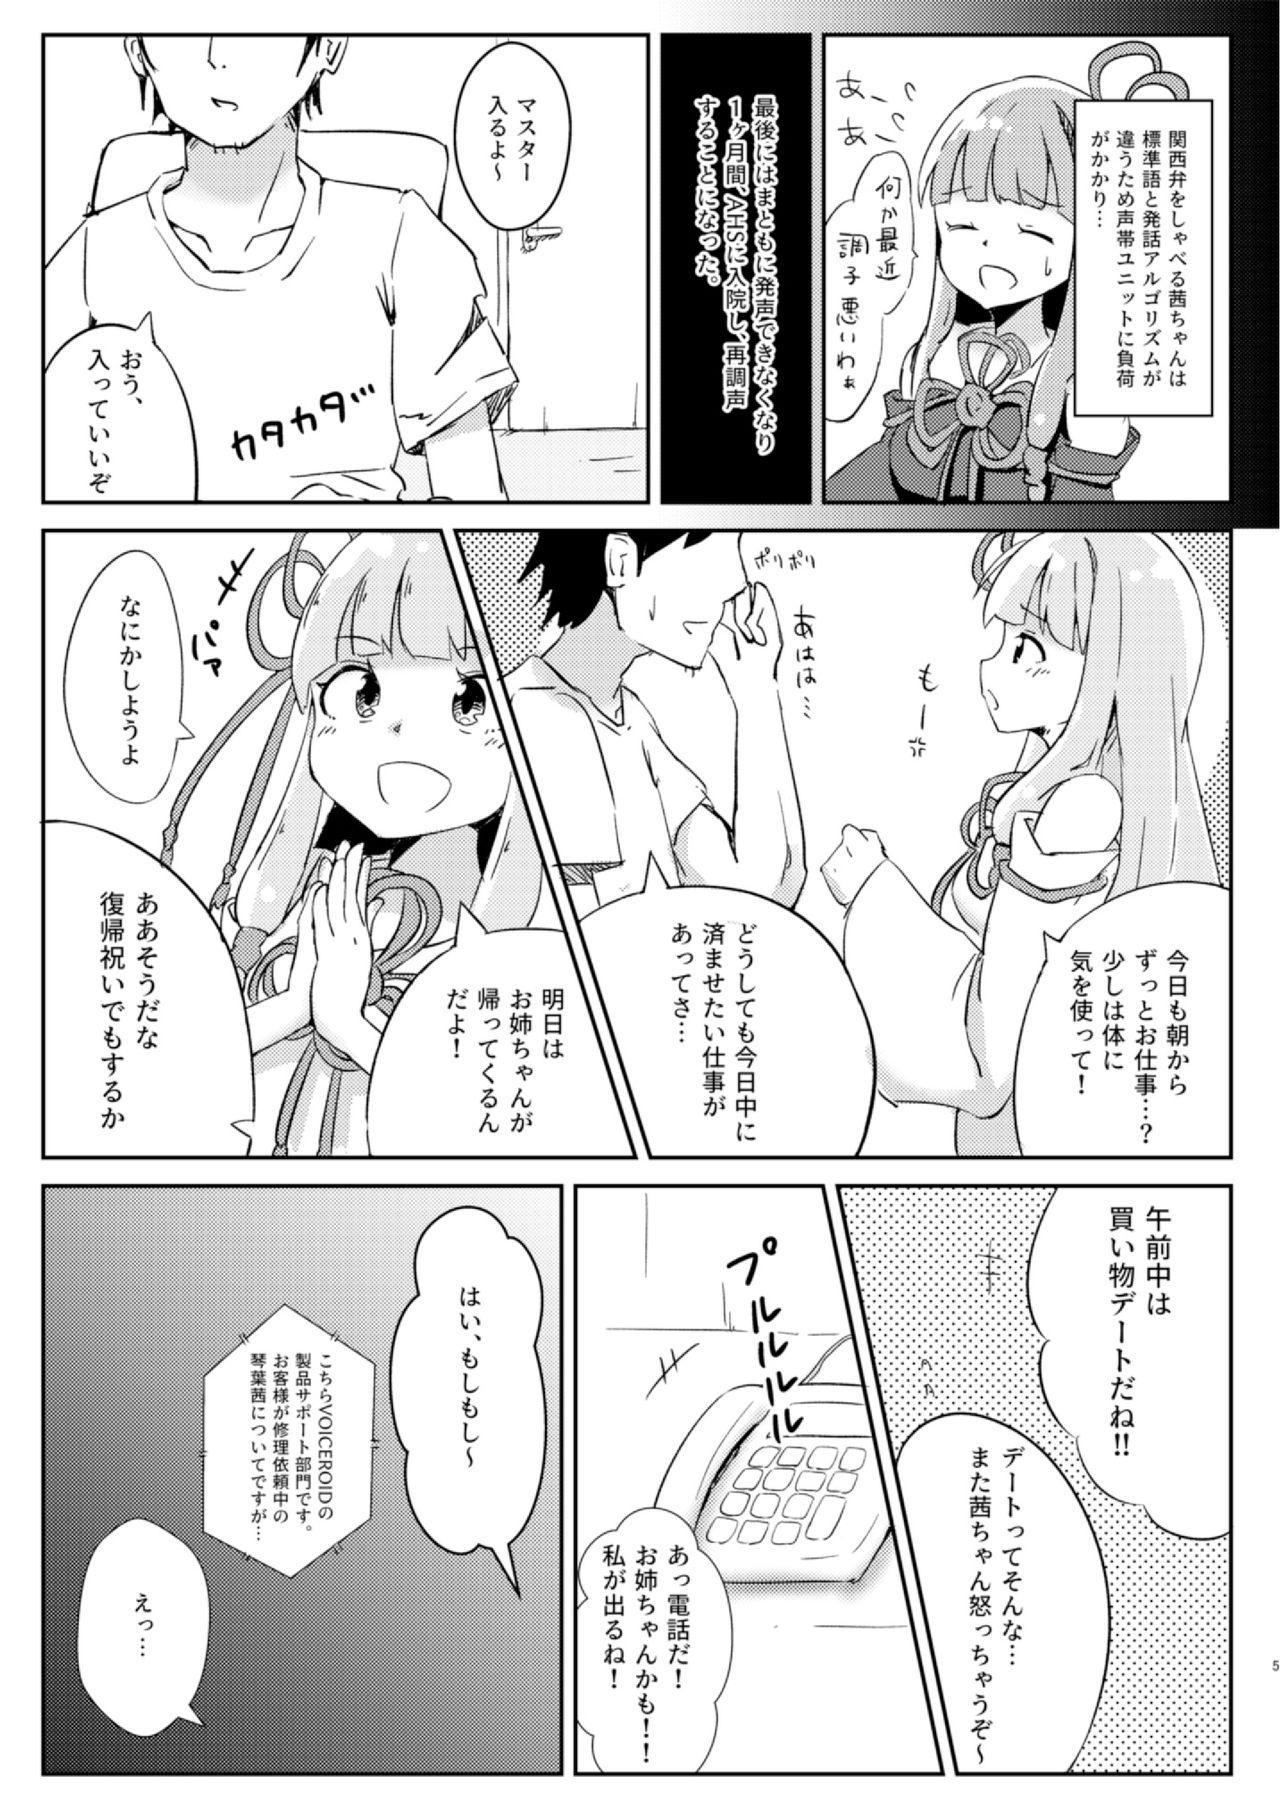 Kyou kara Ore ga Akane-chan!? 4